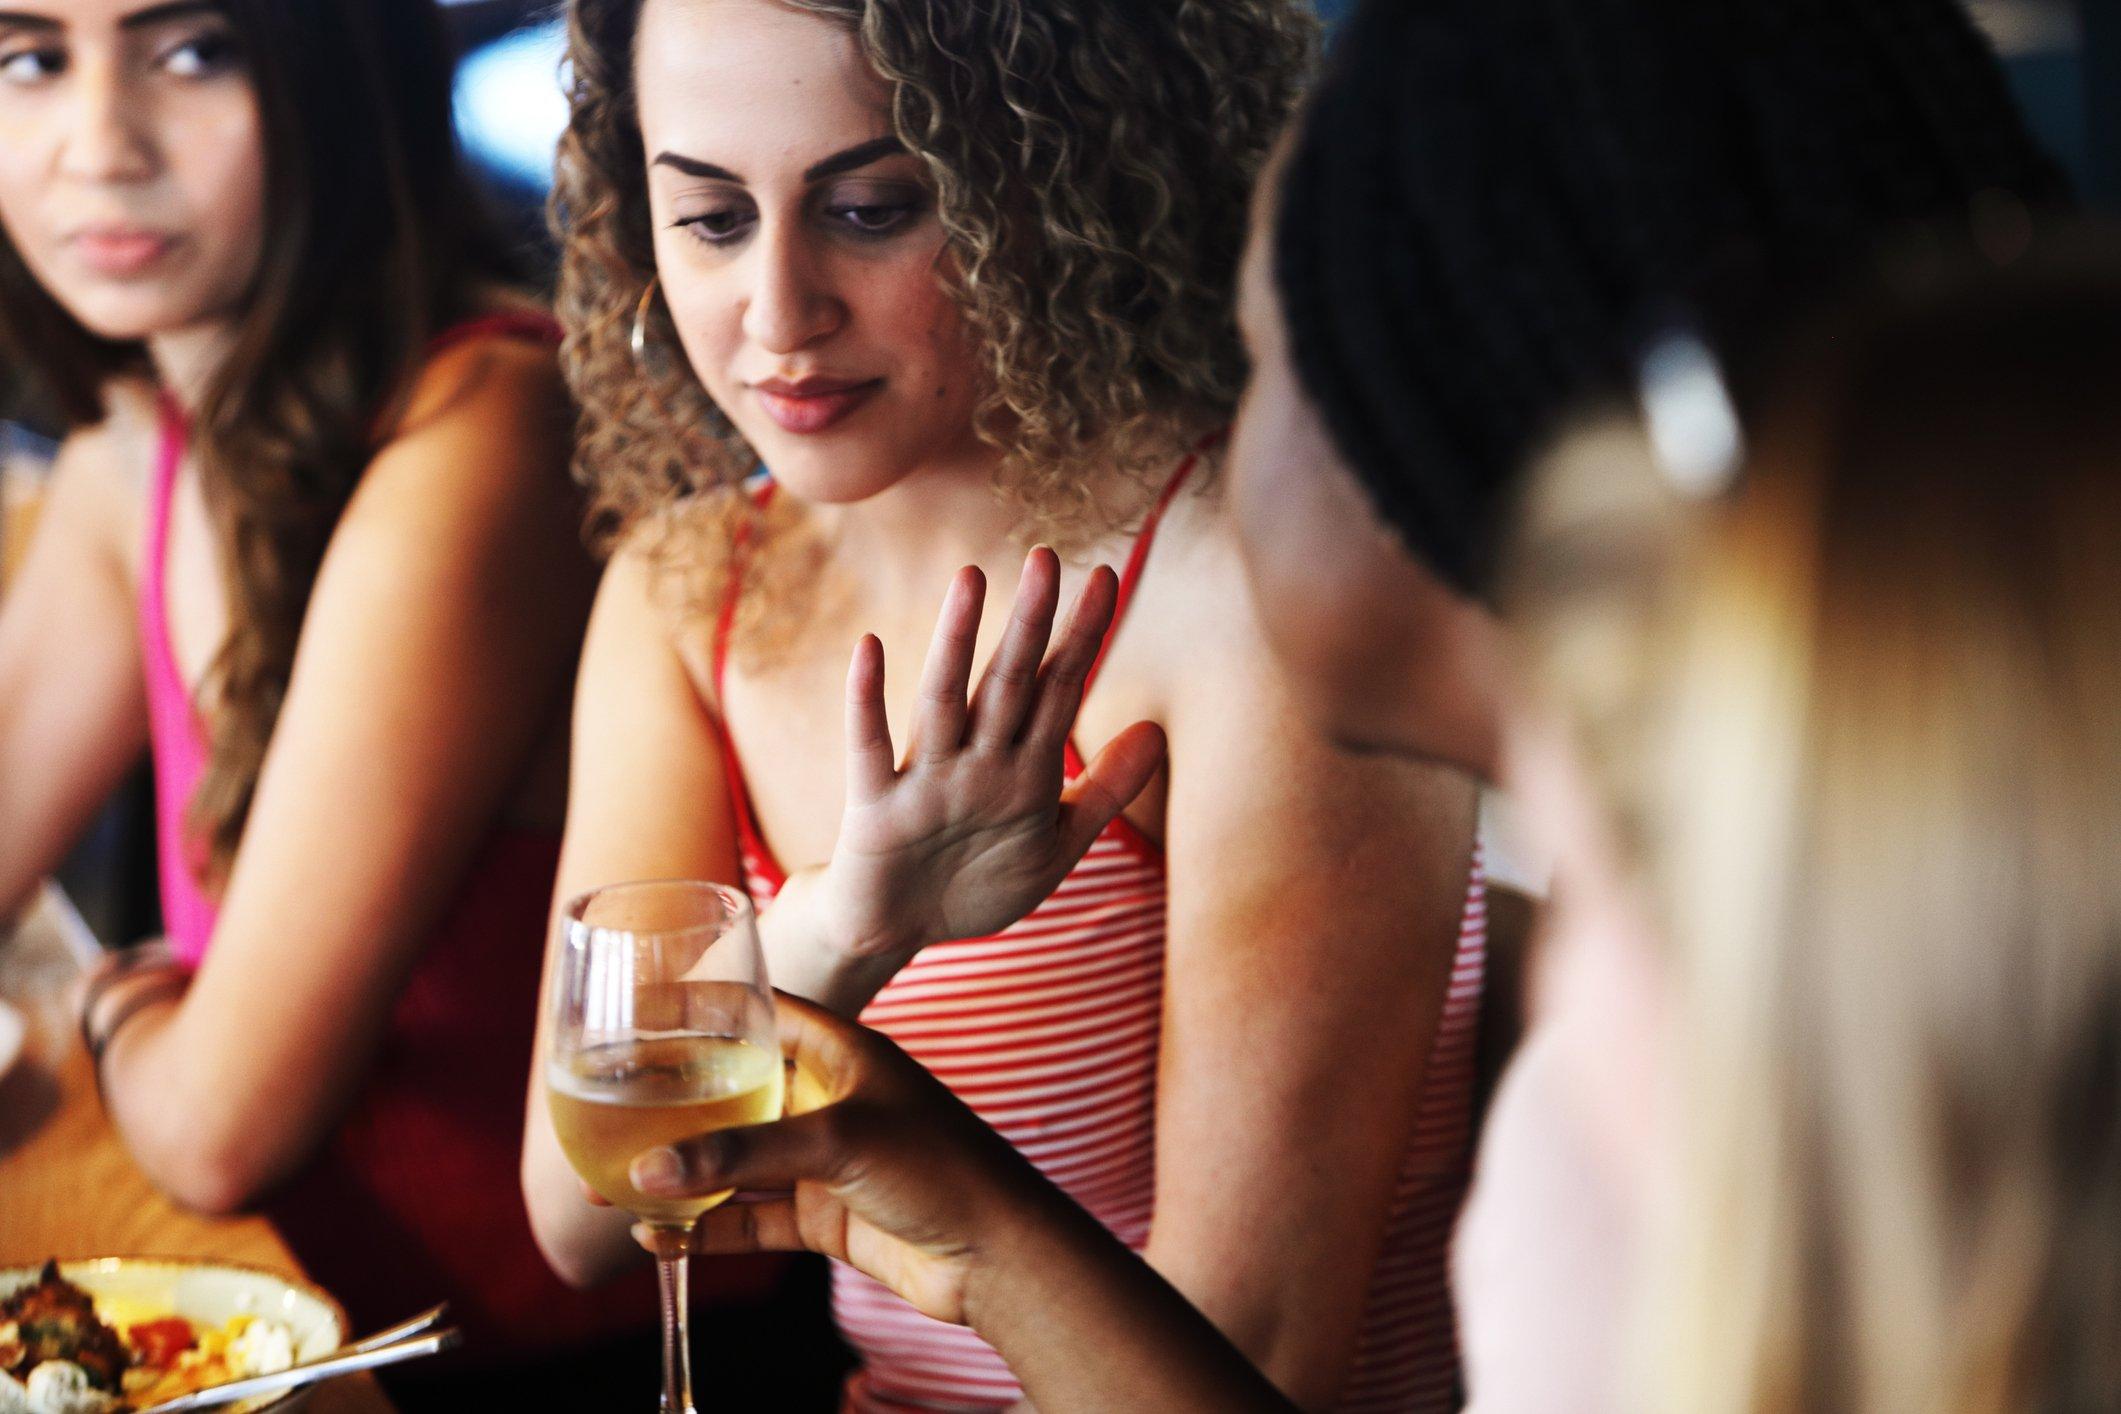 Una mujer rechaza una copa de vino.